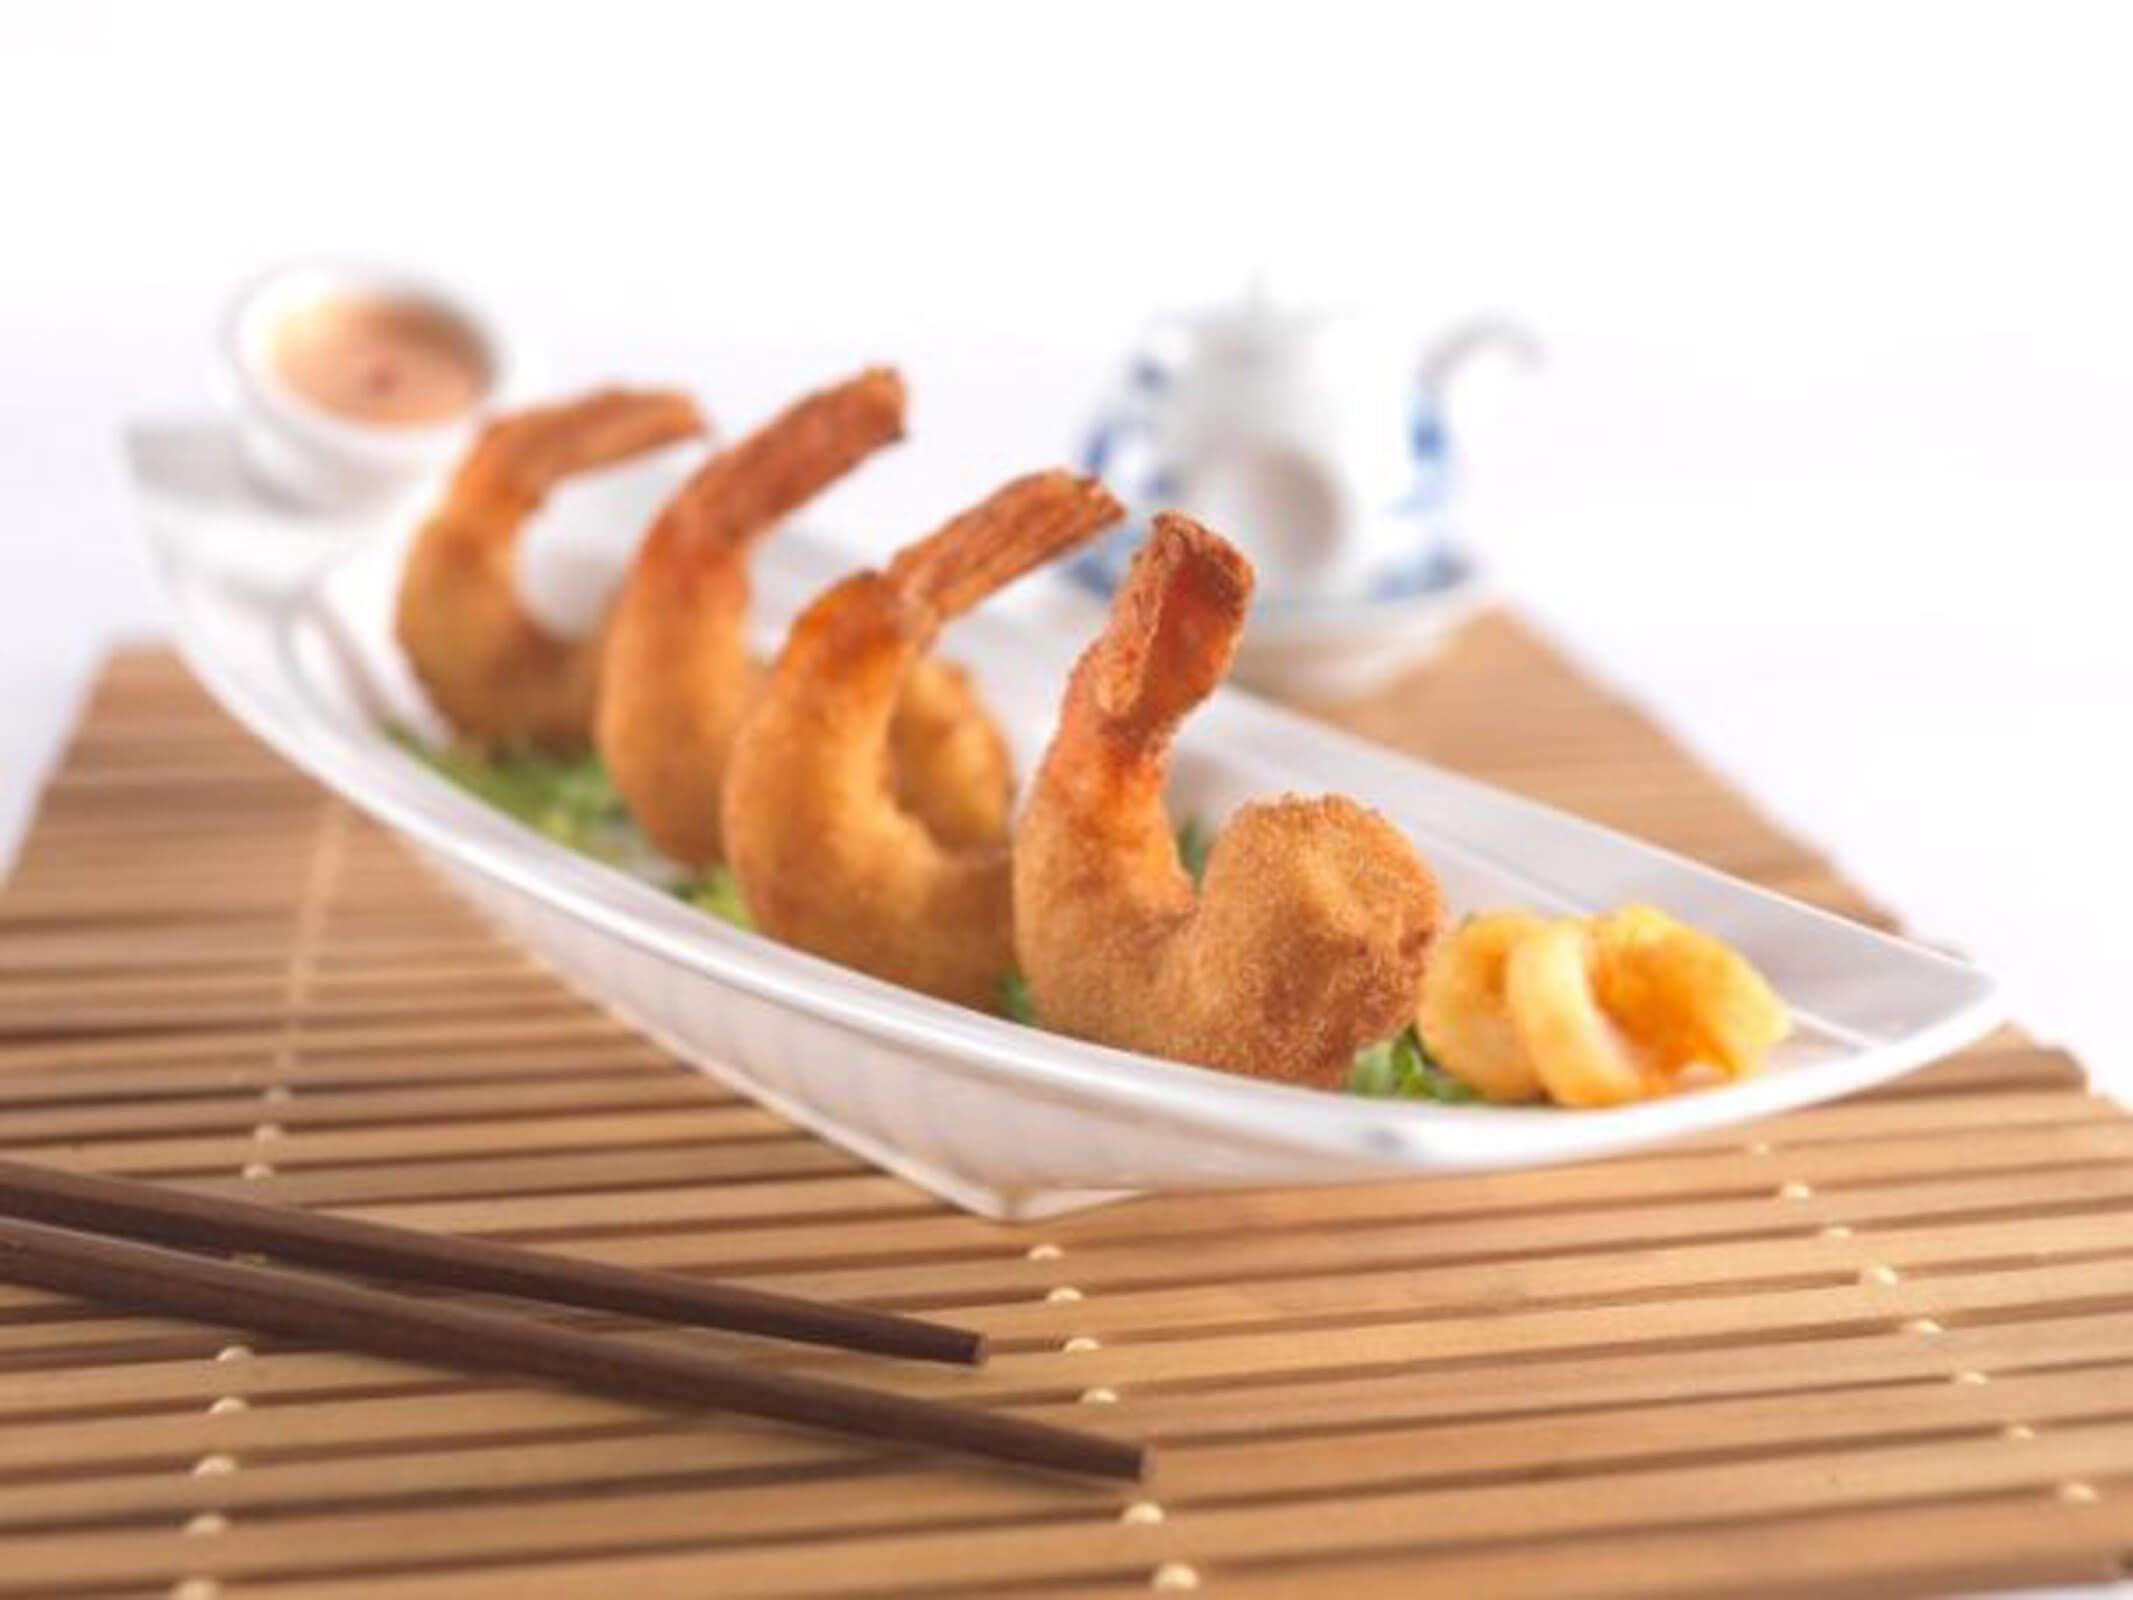 food photographer Abu Dhabi